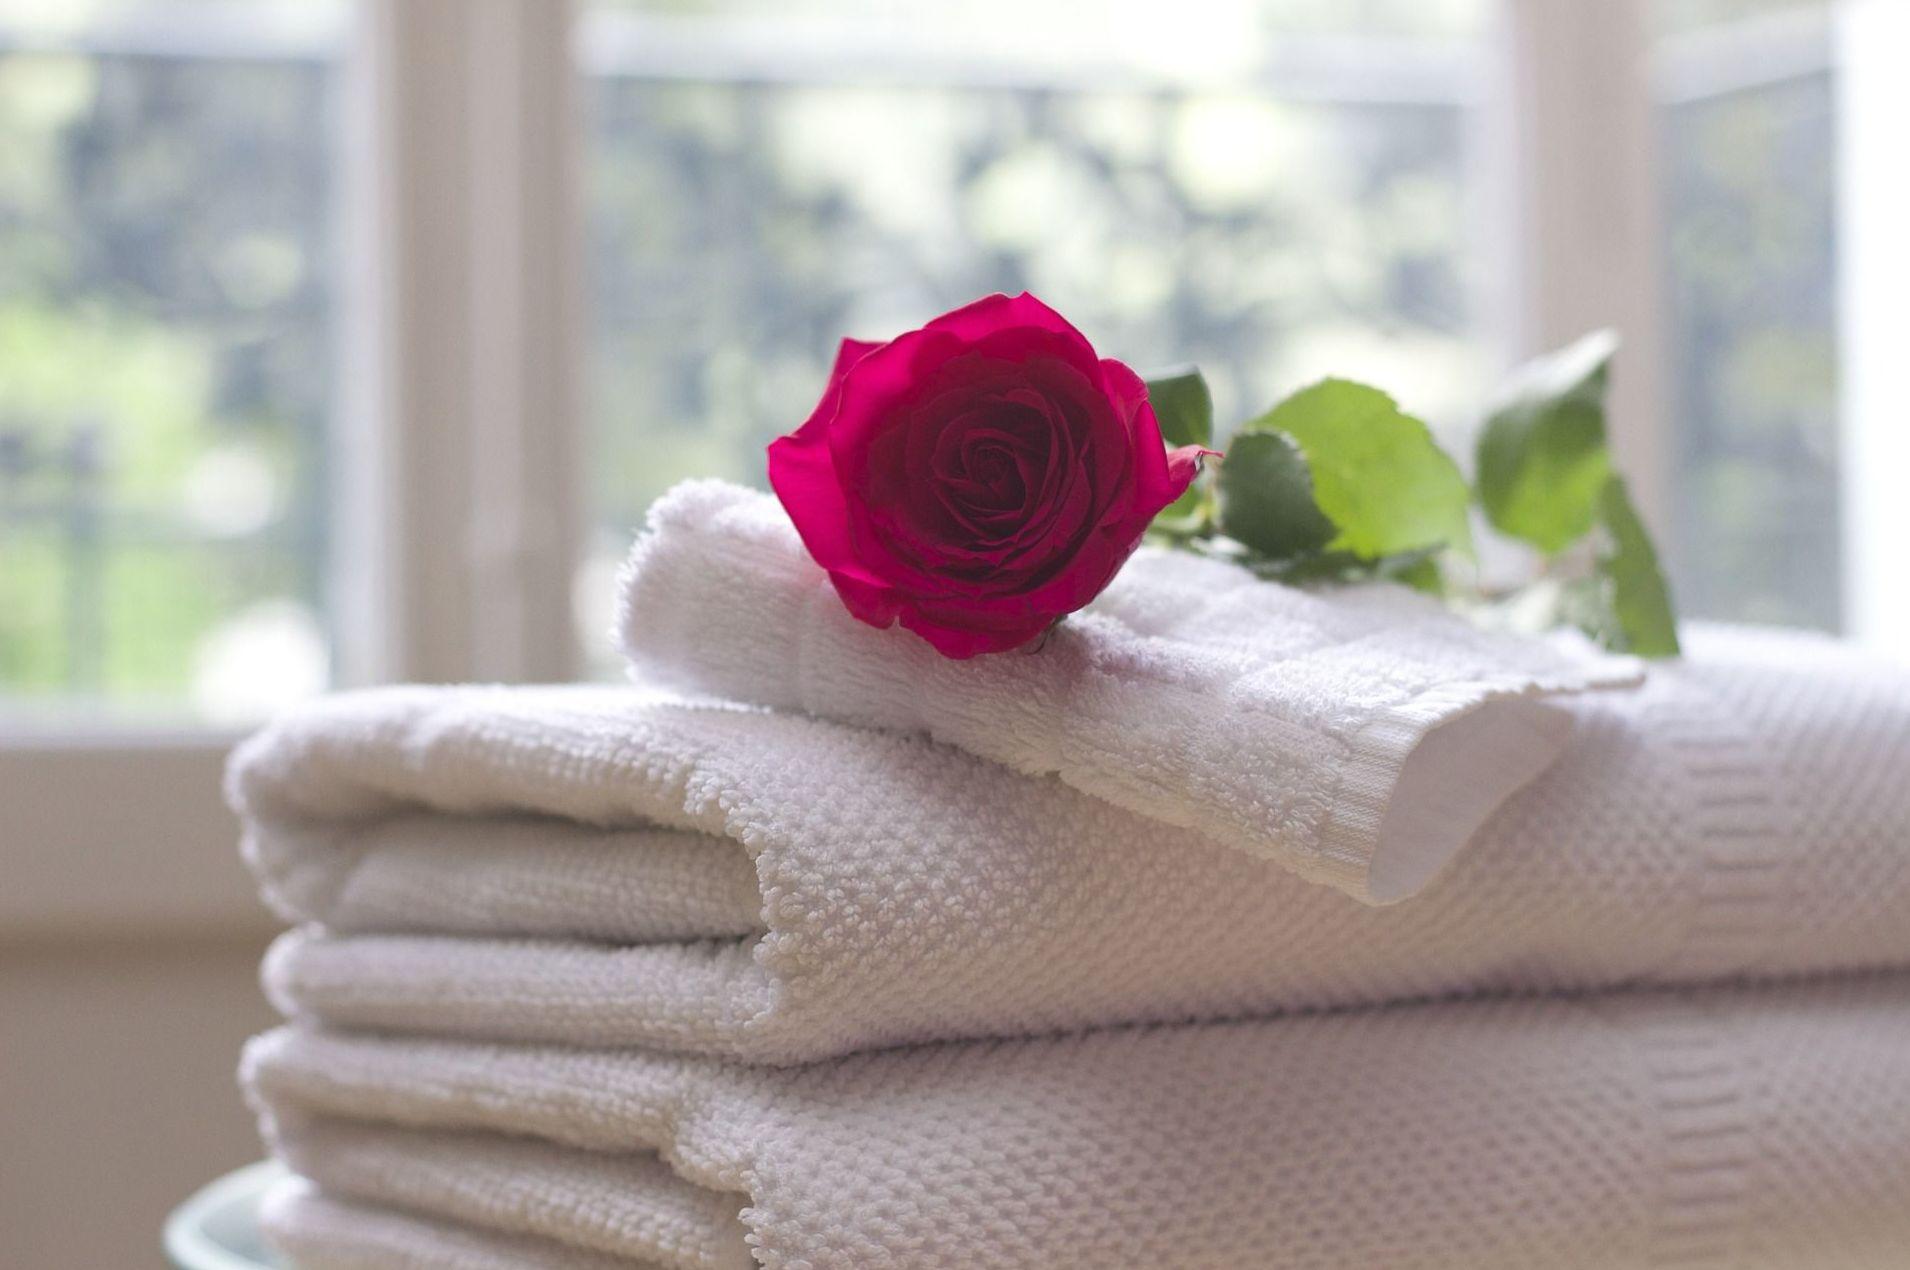 Servicio de lavandería para hoteles en Madrid